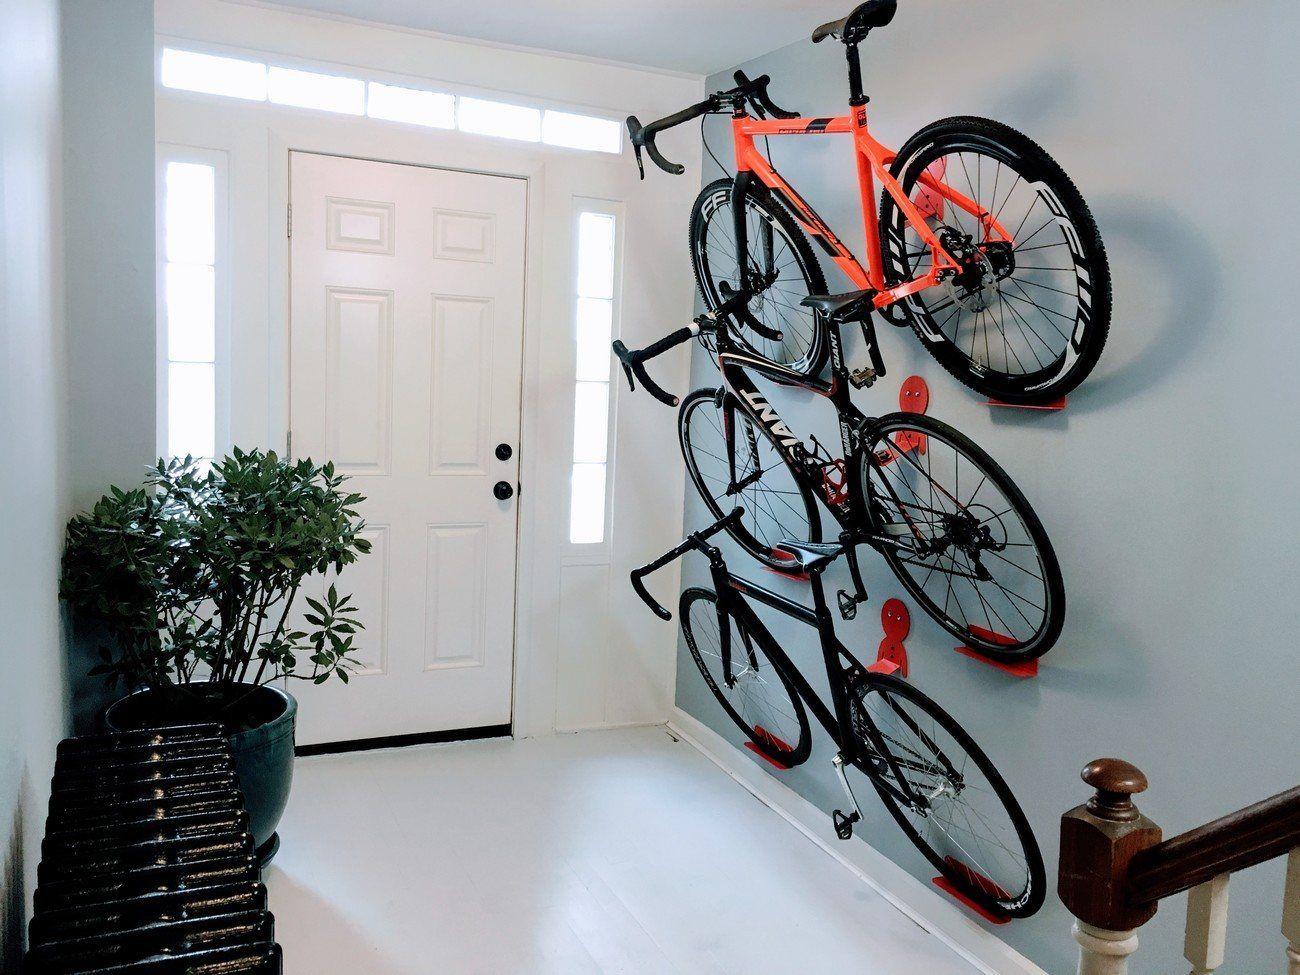 Dahanger Dan Space Saving Bike Hook Bike Hooks Bicycle Storage Bike Storage Garage